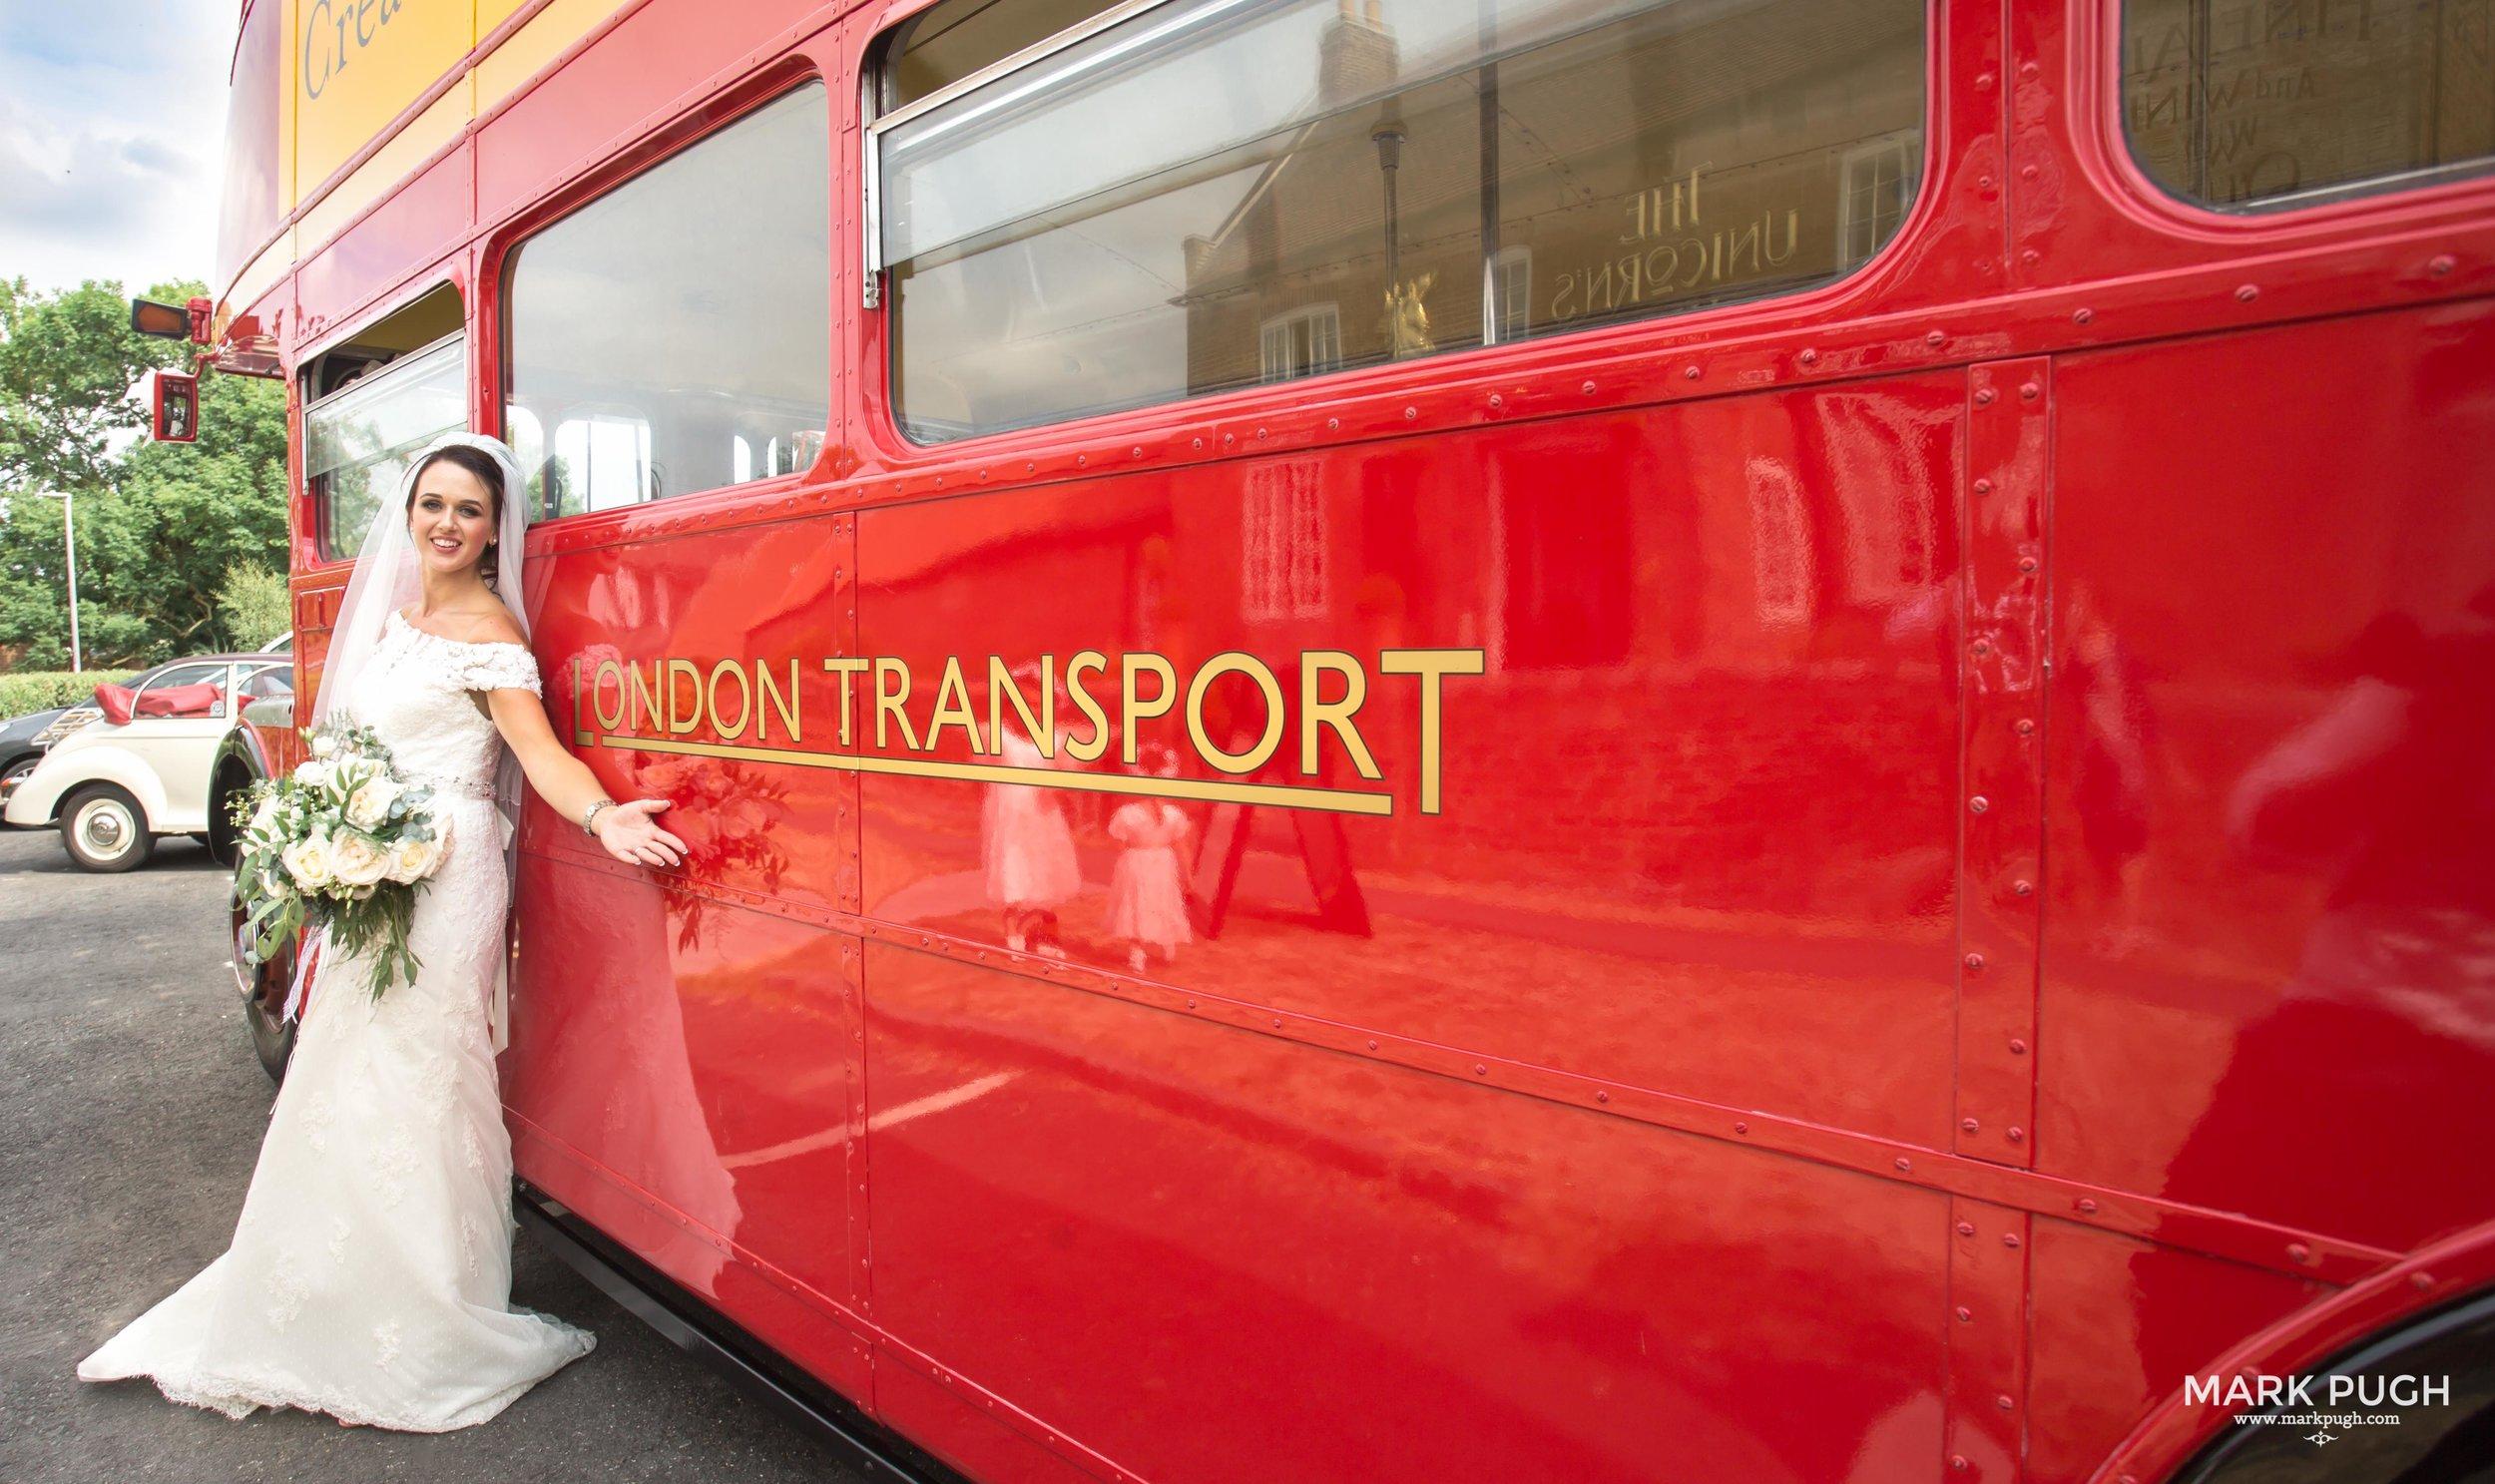 233 - fineART photography by www.markpugh.com Mark Pugh of www.mpmedia.co.uk_.JPG